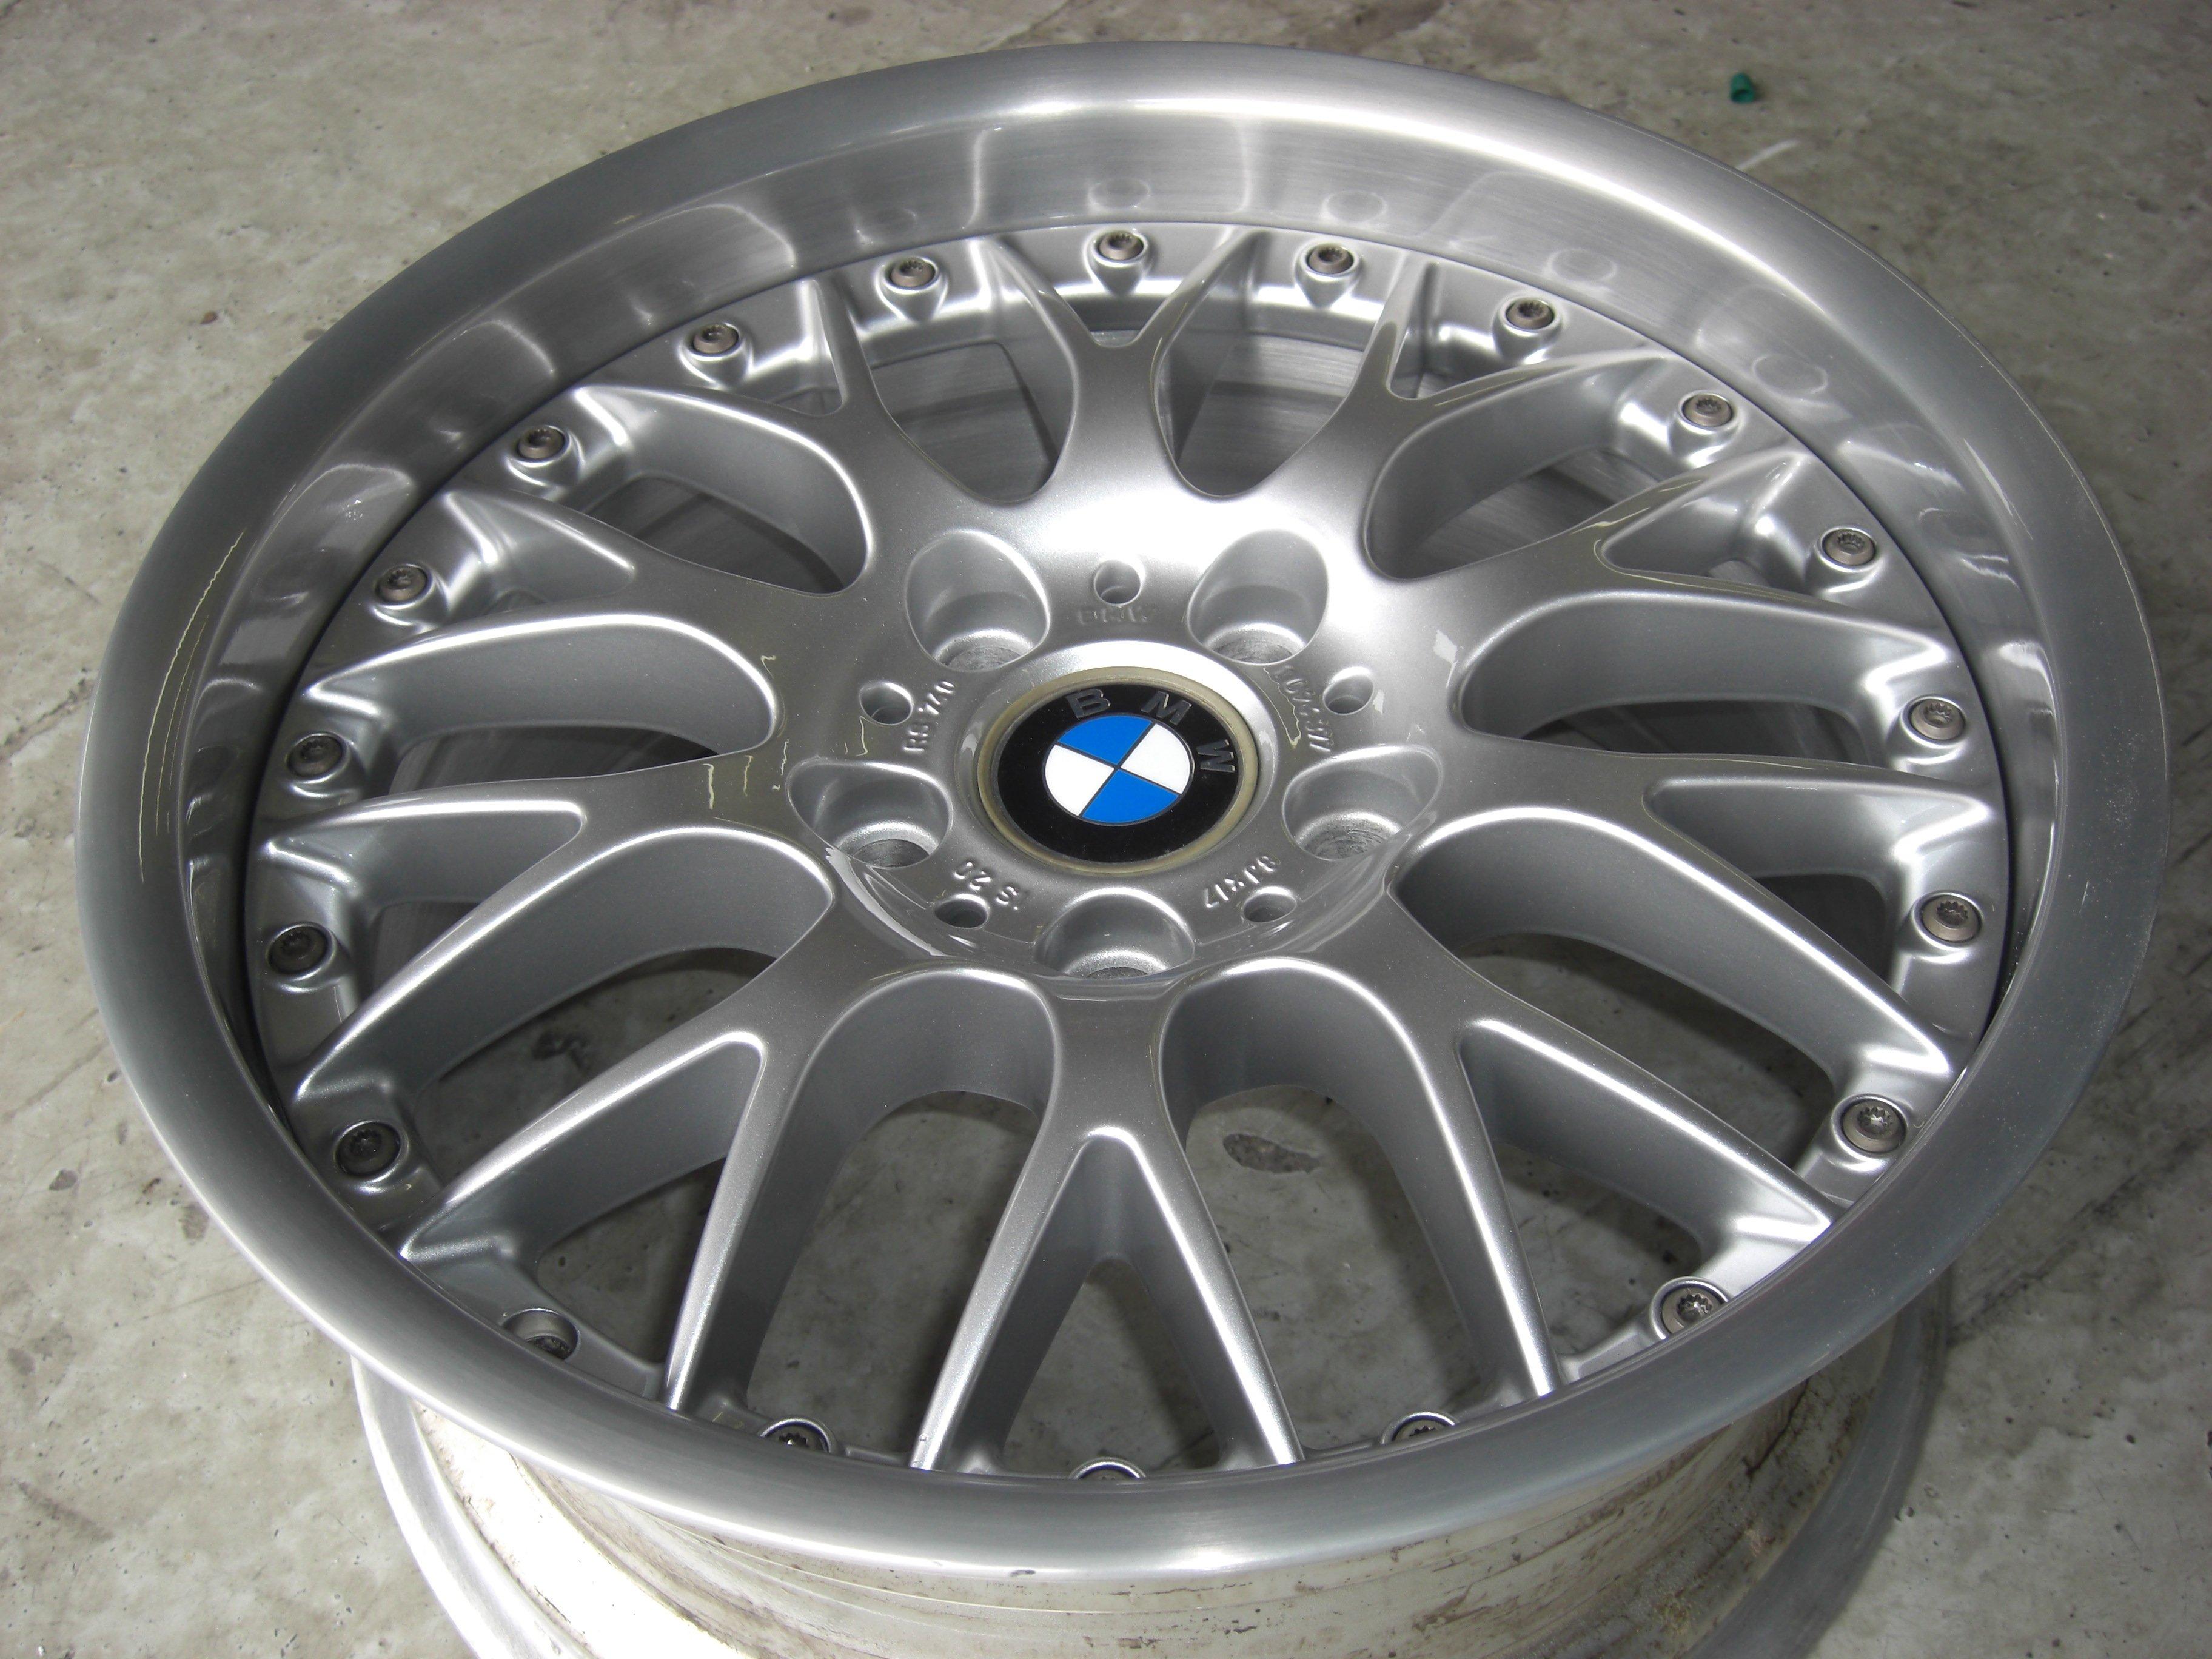 Wheel Doctor Bent wheels Cincinnati OH